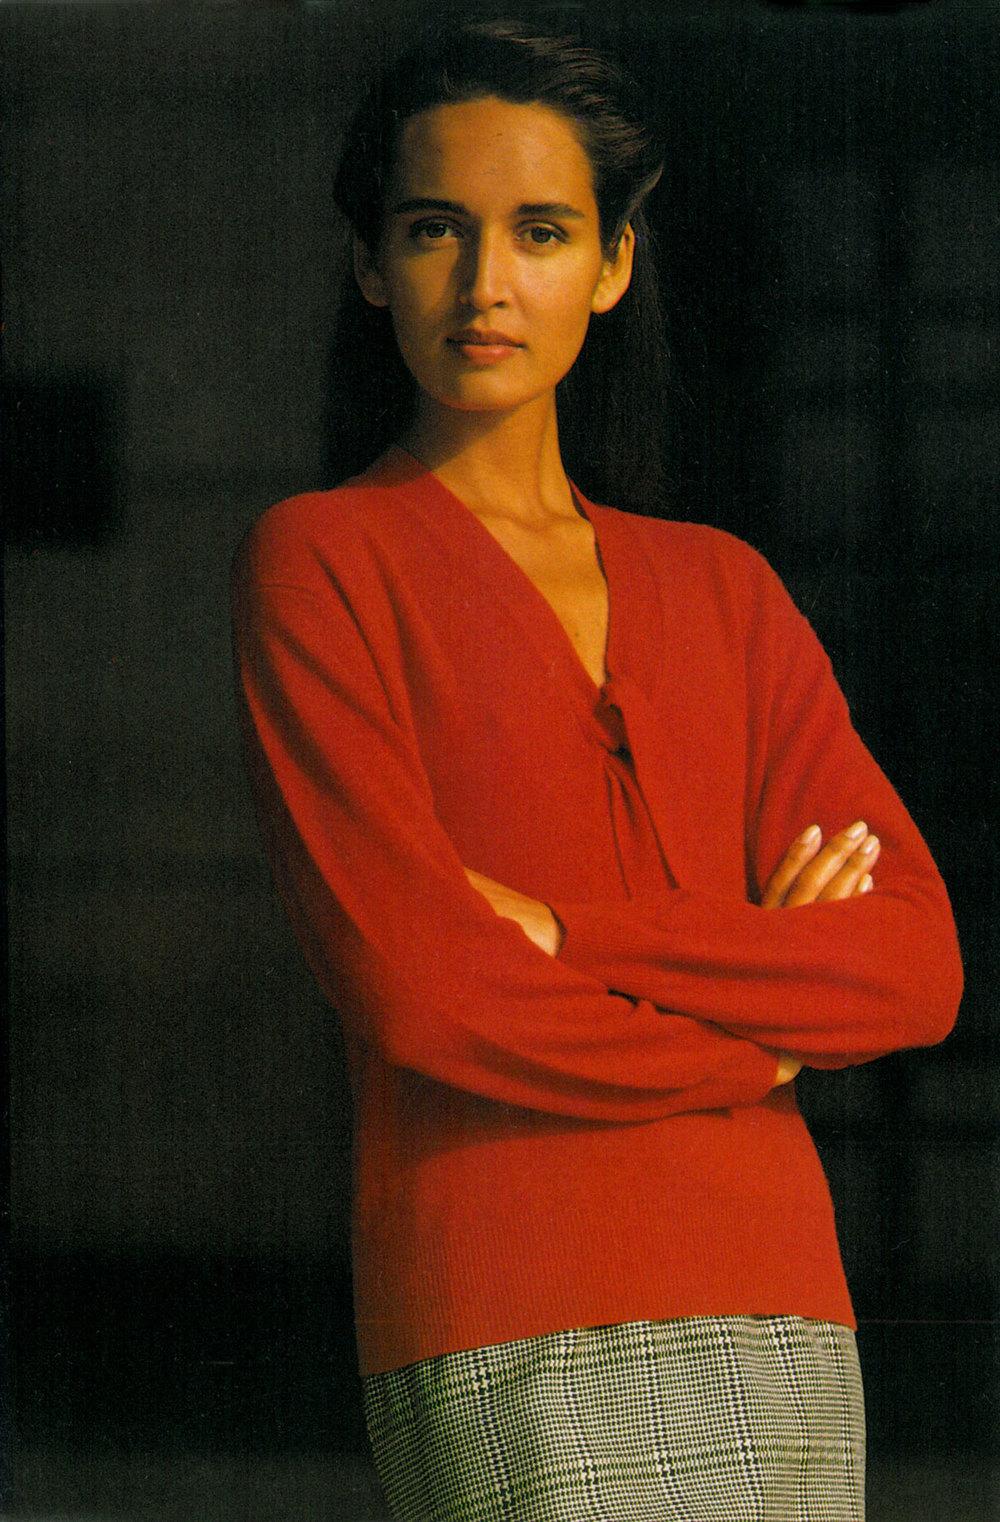 gail-elliott-next-red-1988